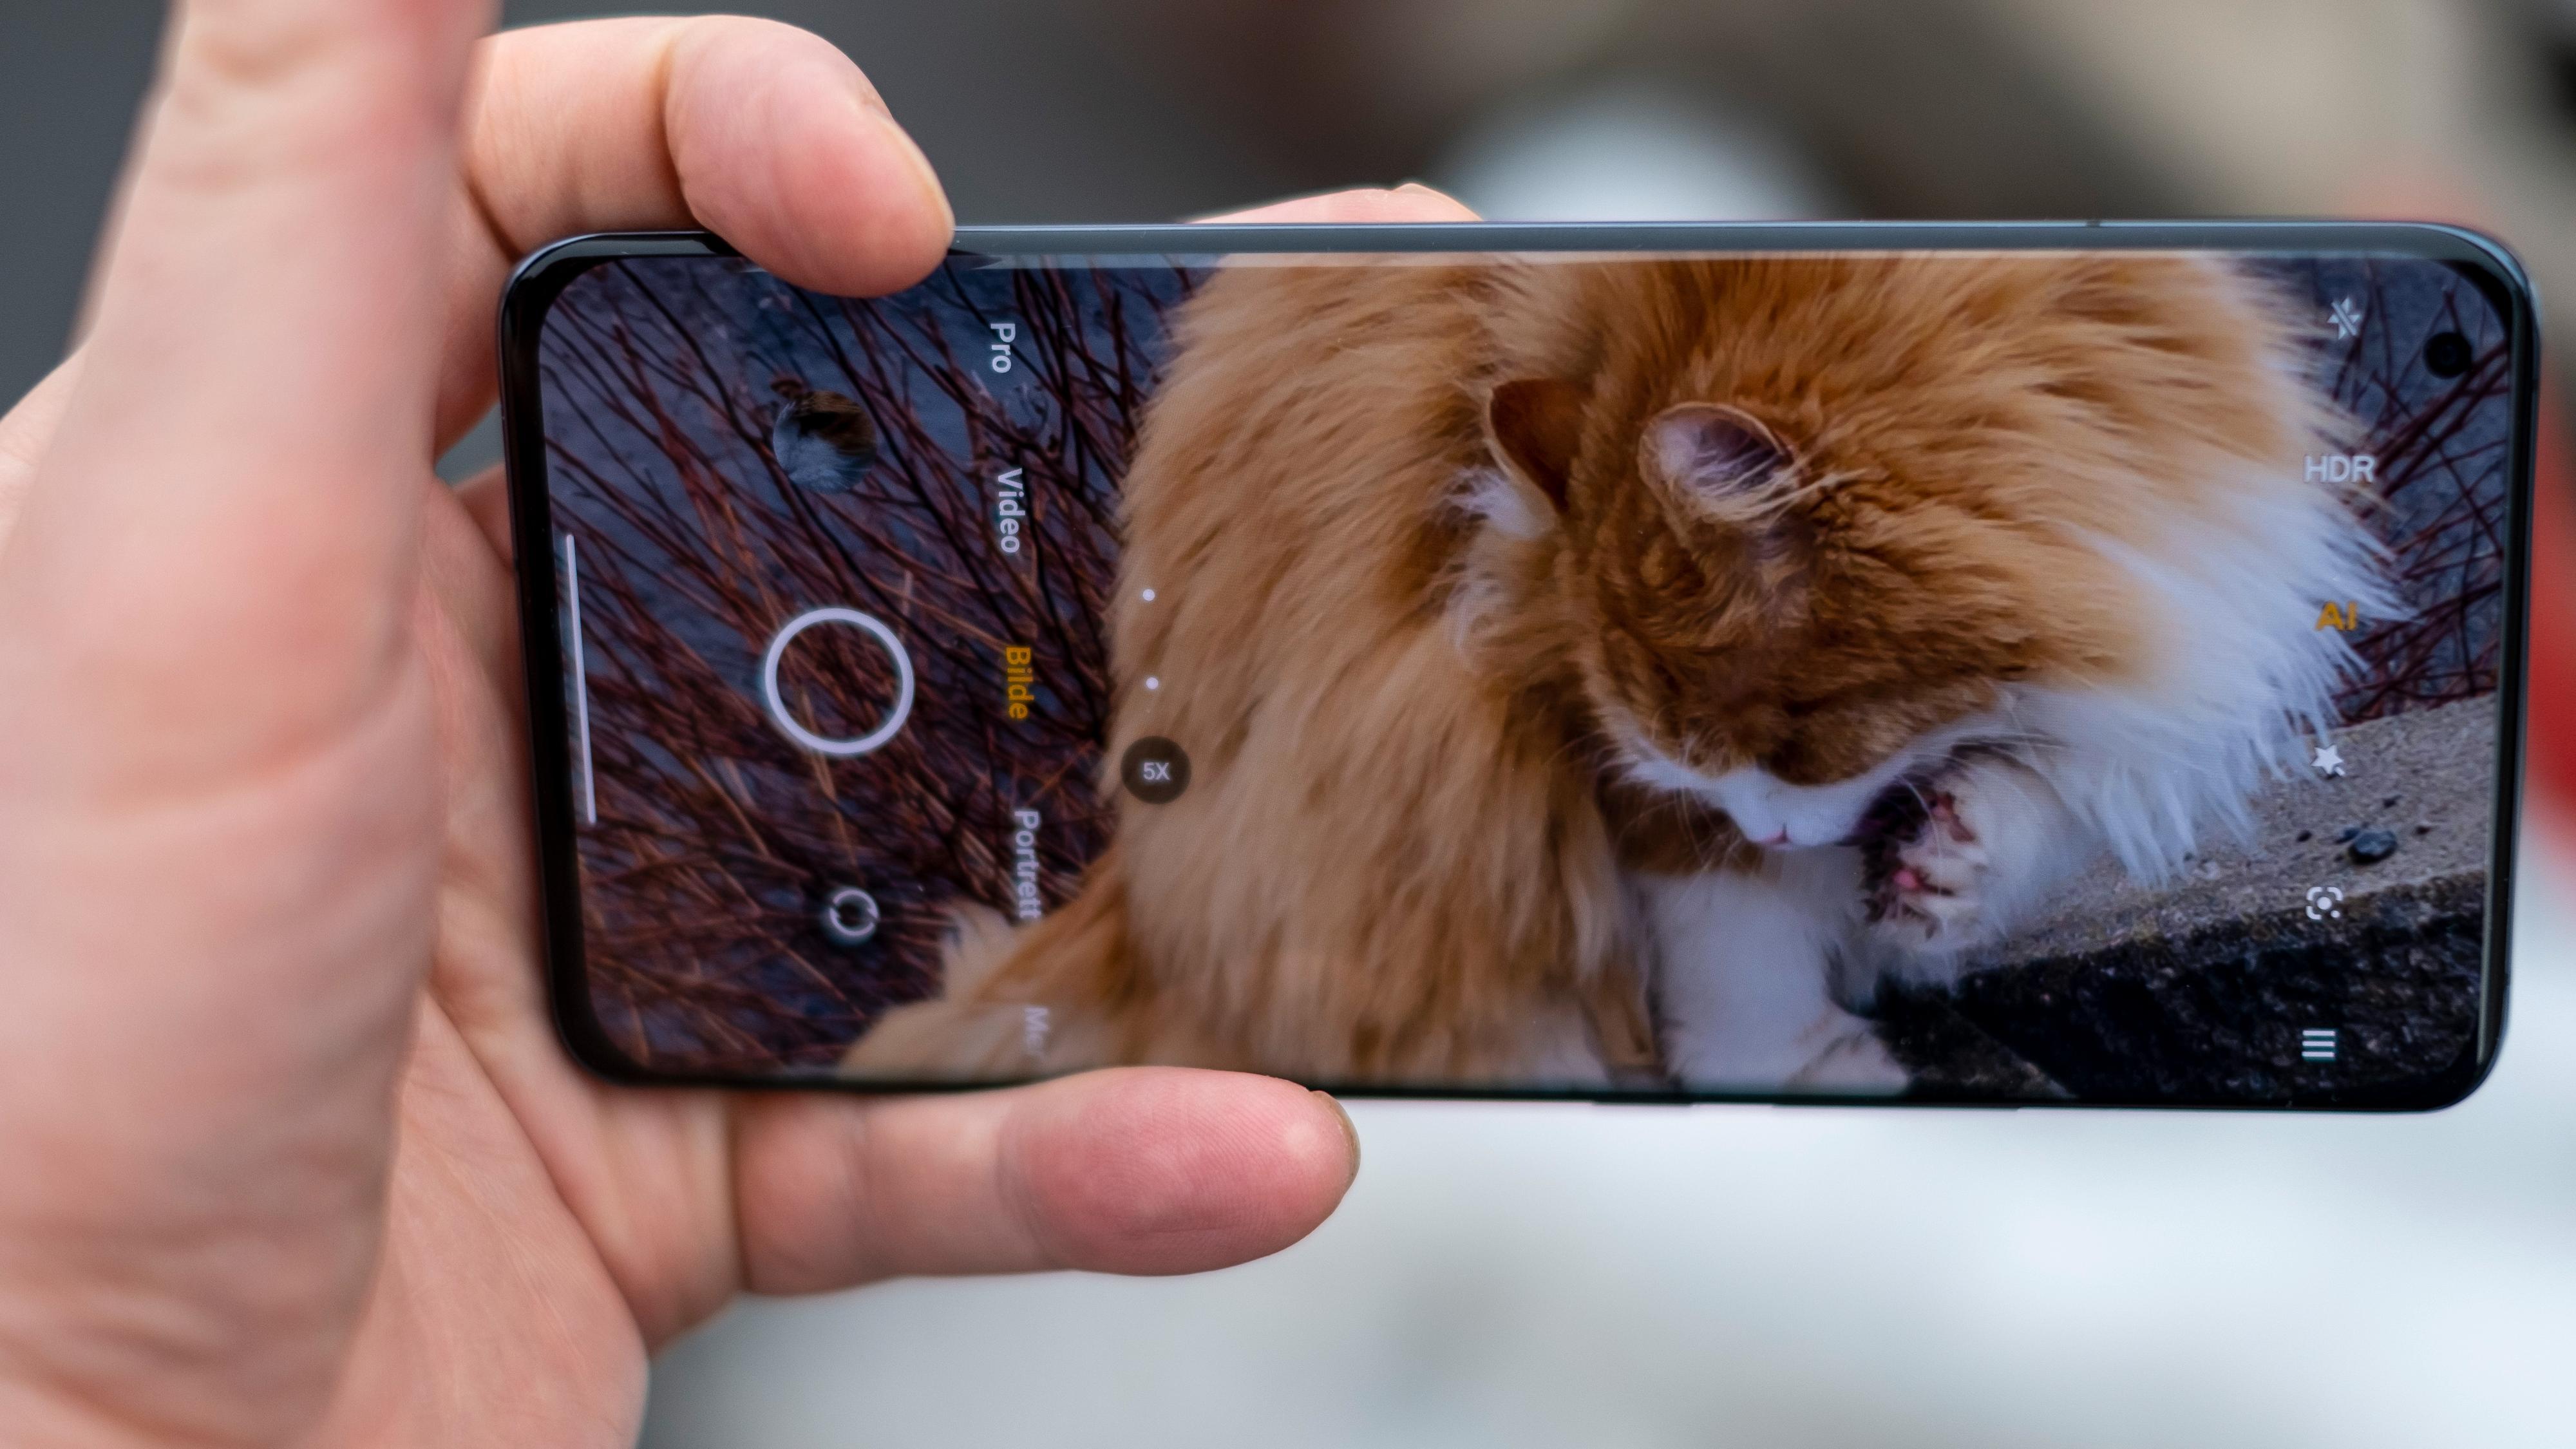 Kameraet har veldig lyst til å ta bilder i skjermens fulle bredde. Det betyr smale bilder med til dels underlige komposisjoner, selv om oppløsningen er stor nok til å beskjære bildene etterpå.